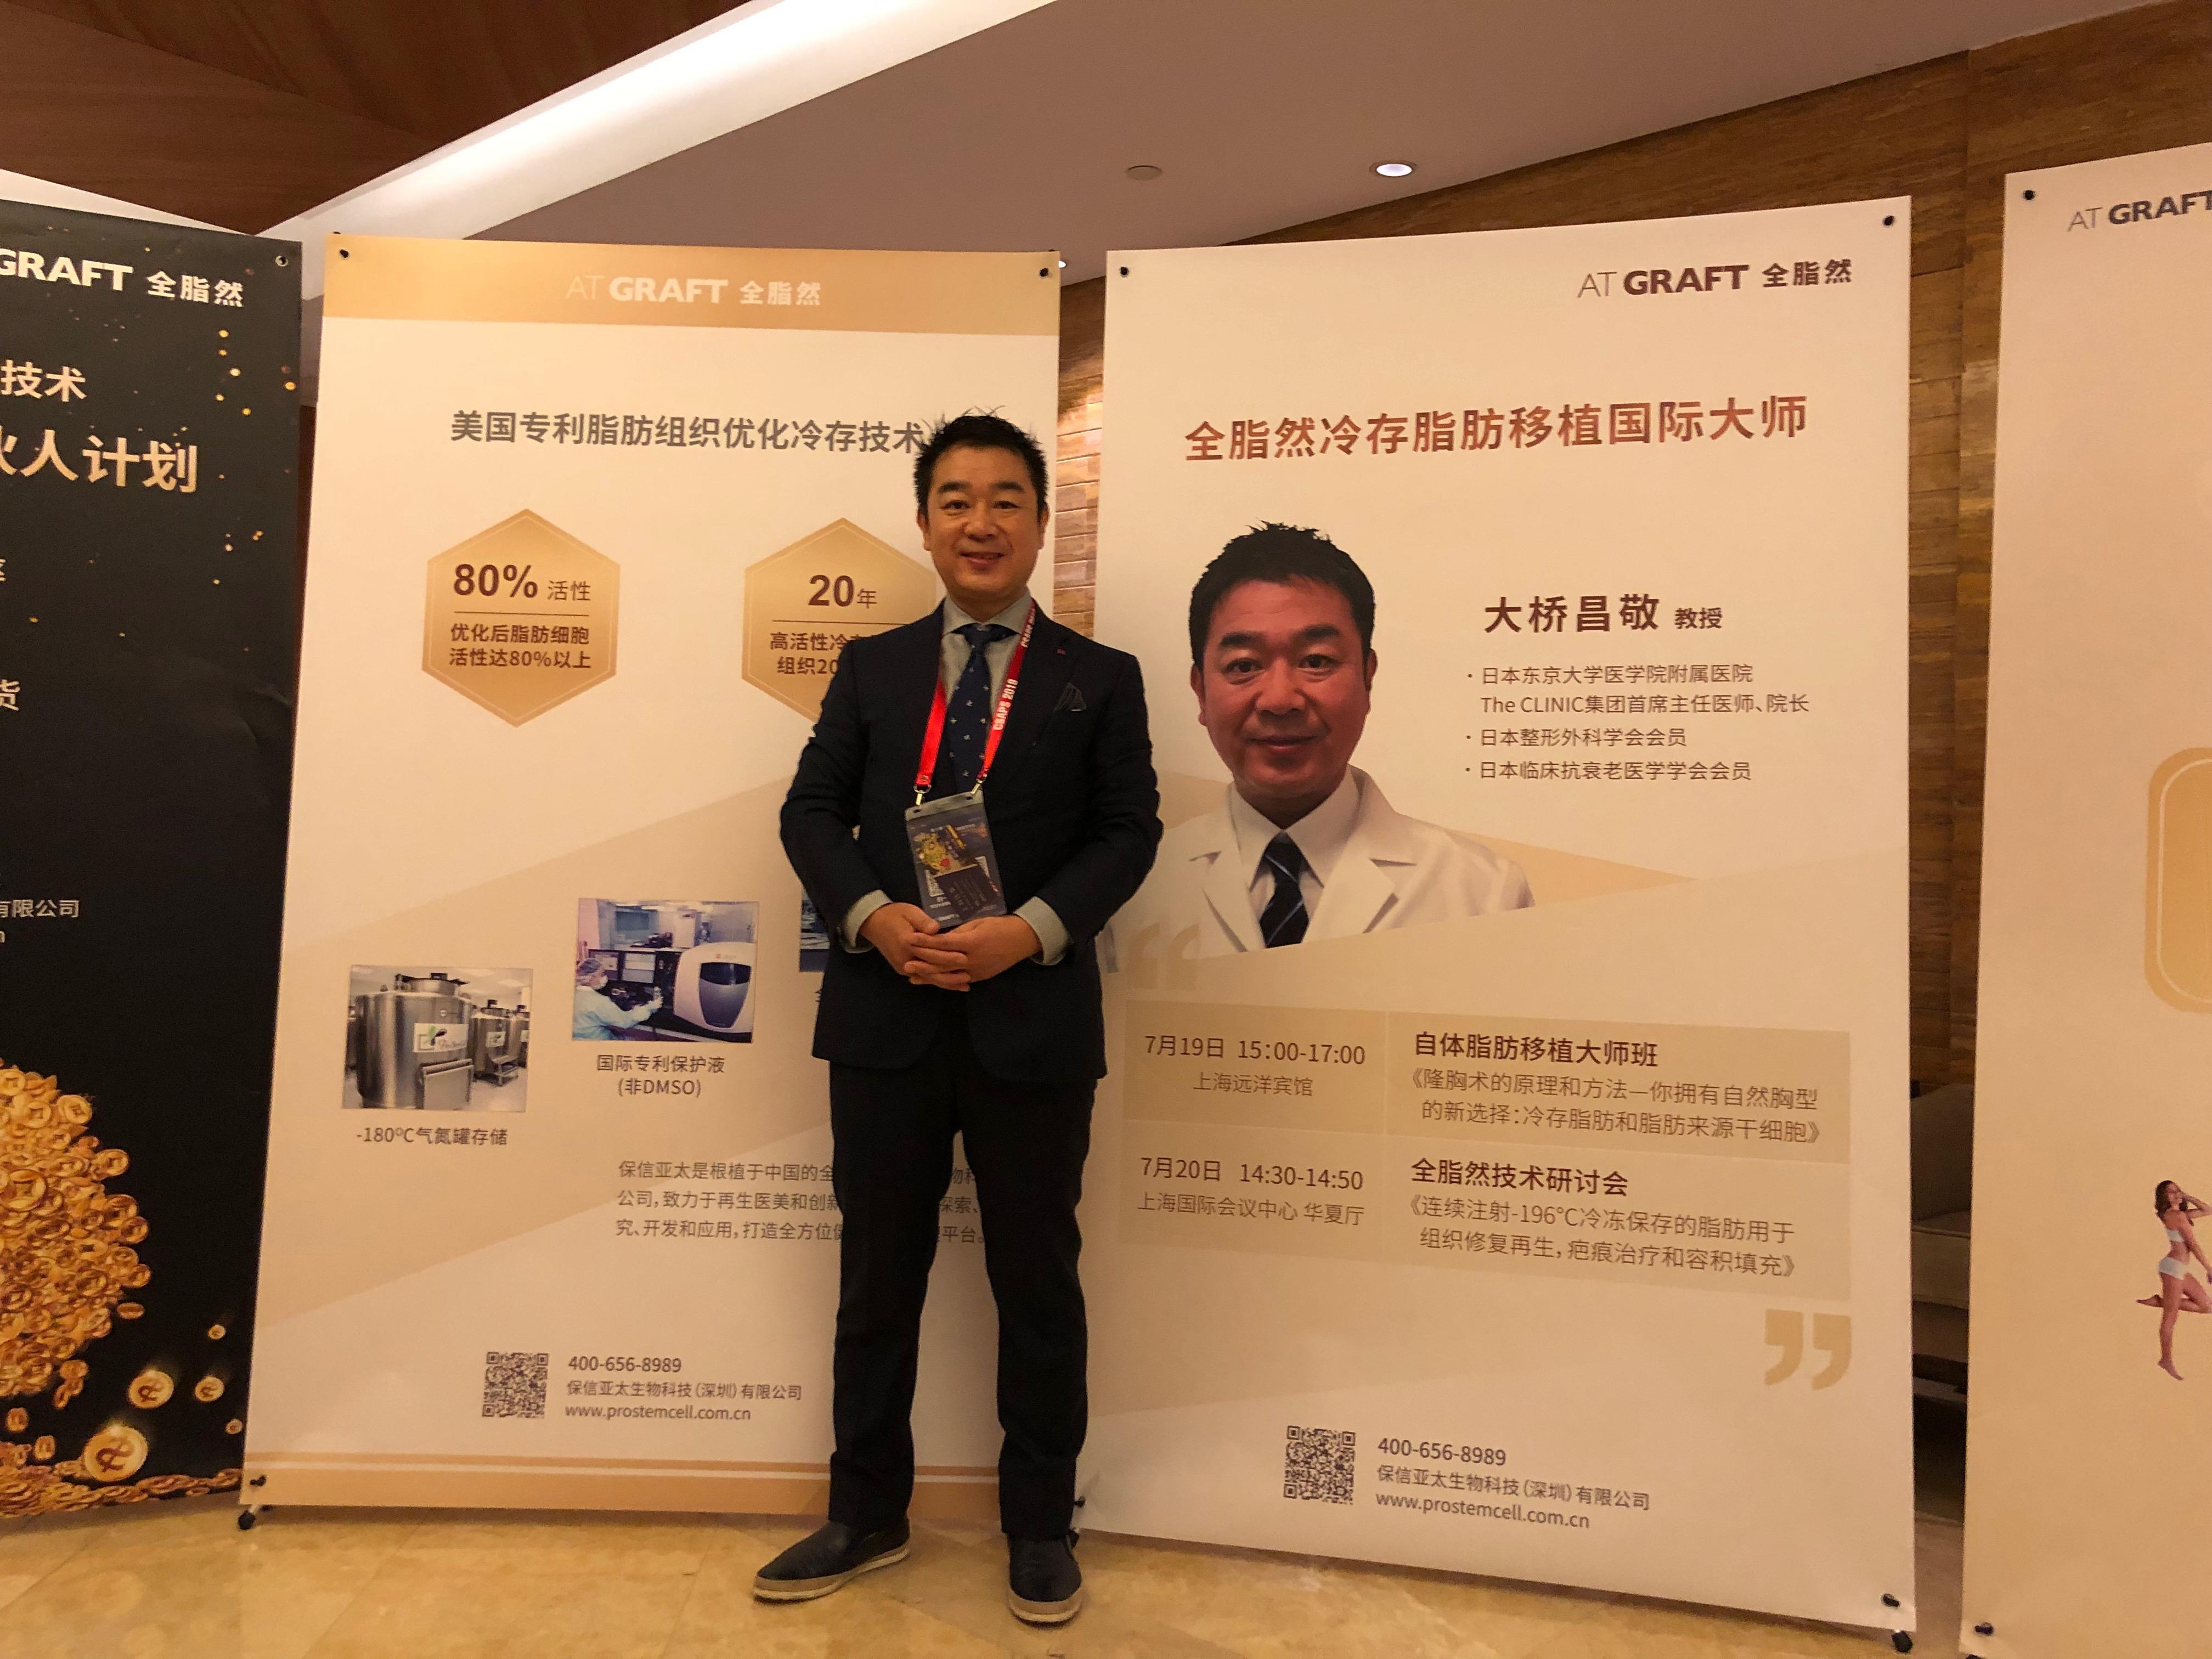 国際形成外科サミット、中国脂肪学会(上海)講演その1